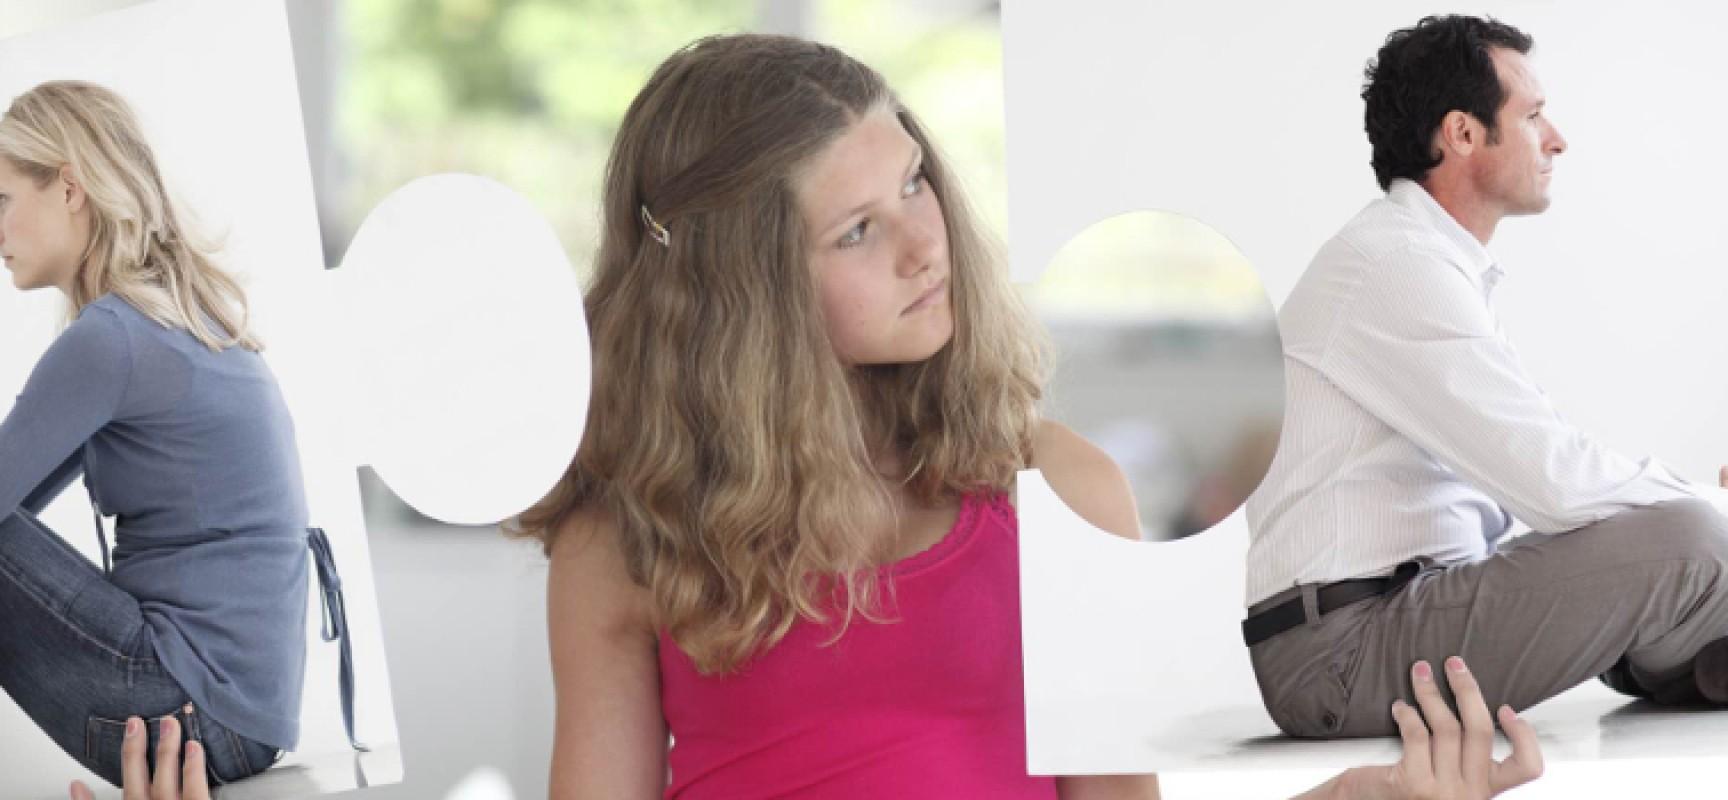 """""""Lo psicologo risponde"""", separazione: come comportarsi coi figli? La risposta della dott.ssa Petrelli"""